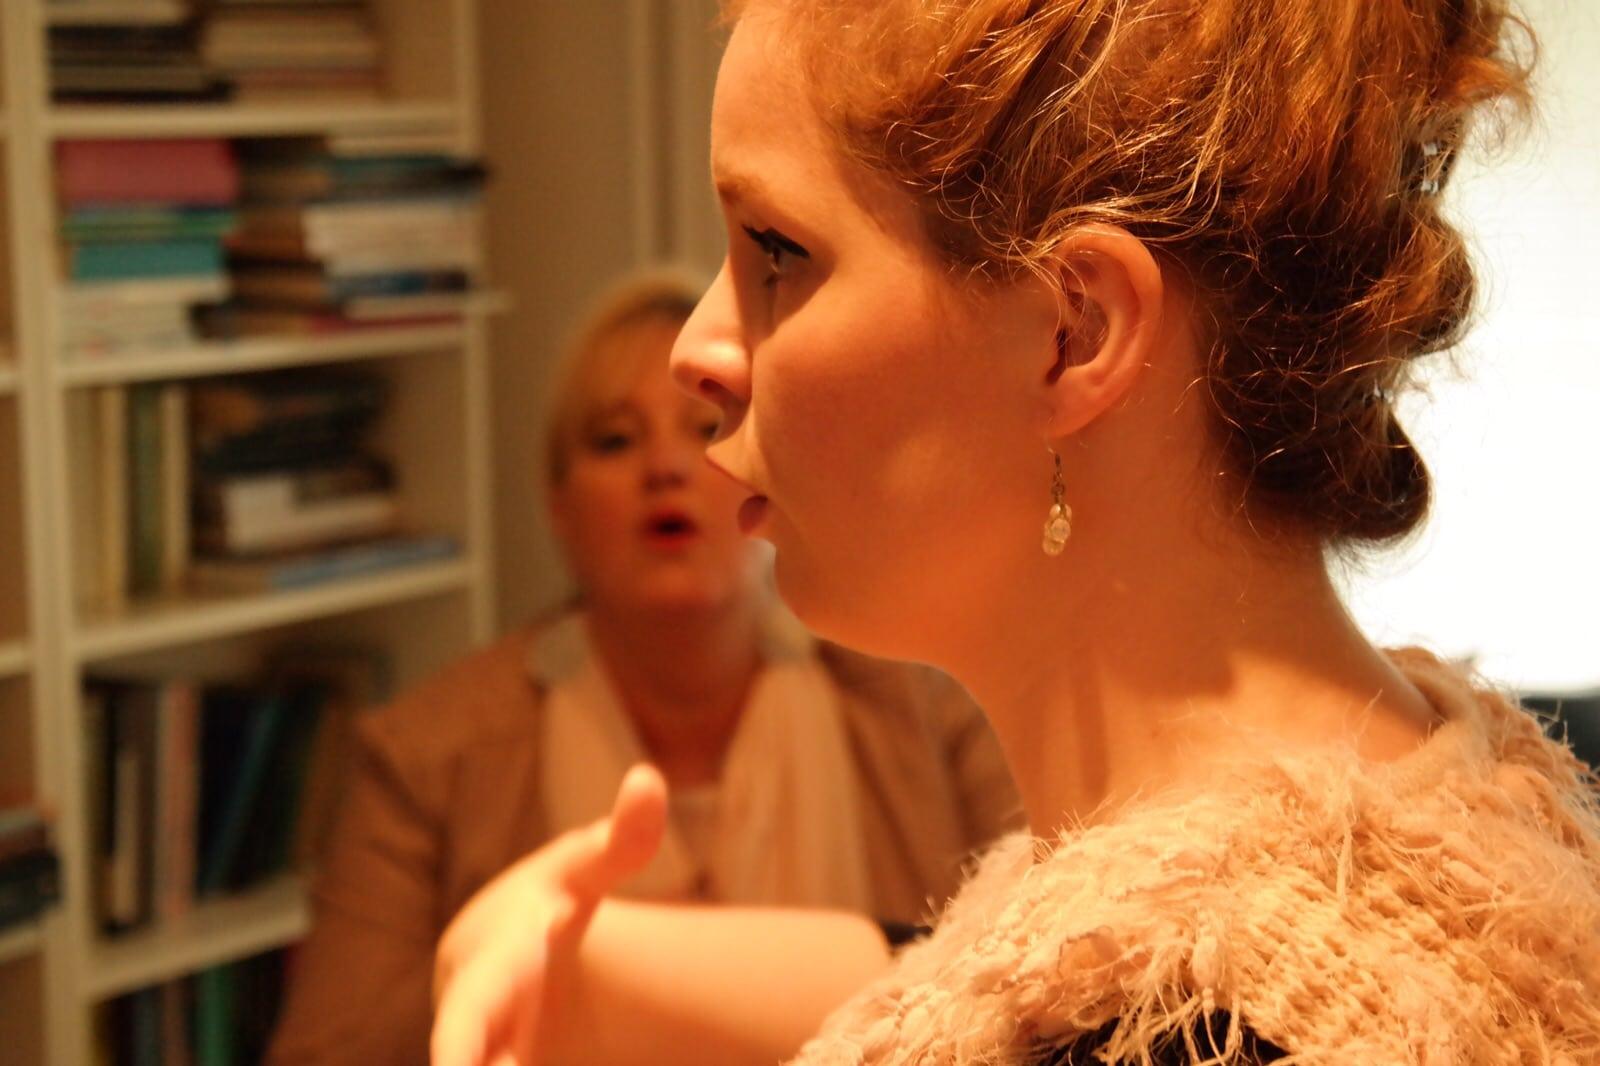 Claudia Patacca in actie. Patacca is hoofdvakdocente zang aan het ArtEZ-conservatorium en geeft veel masterclasses in het buitenland.